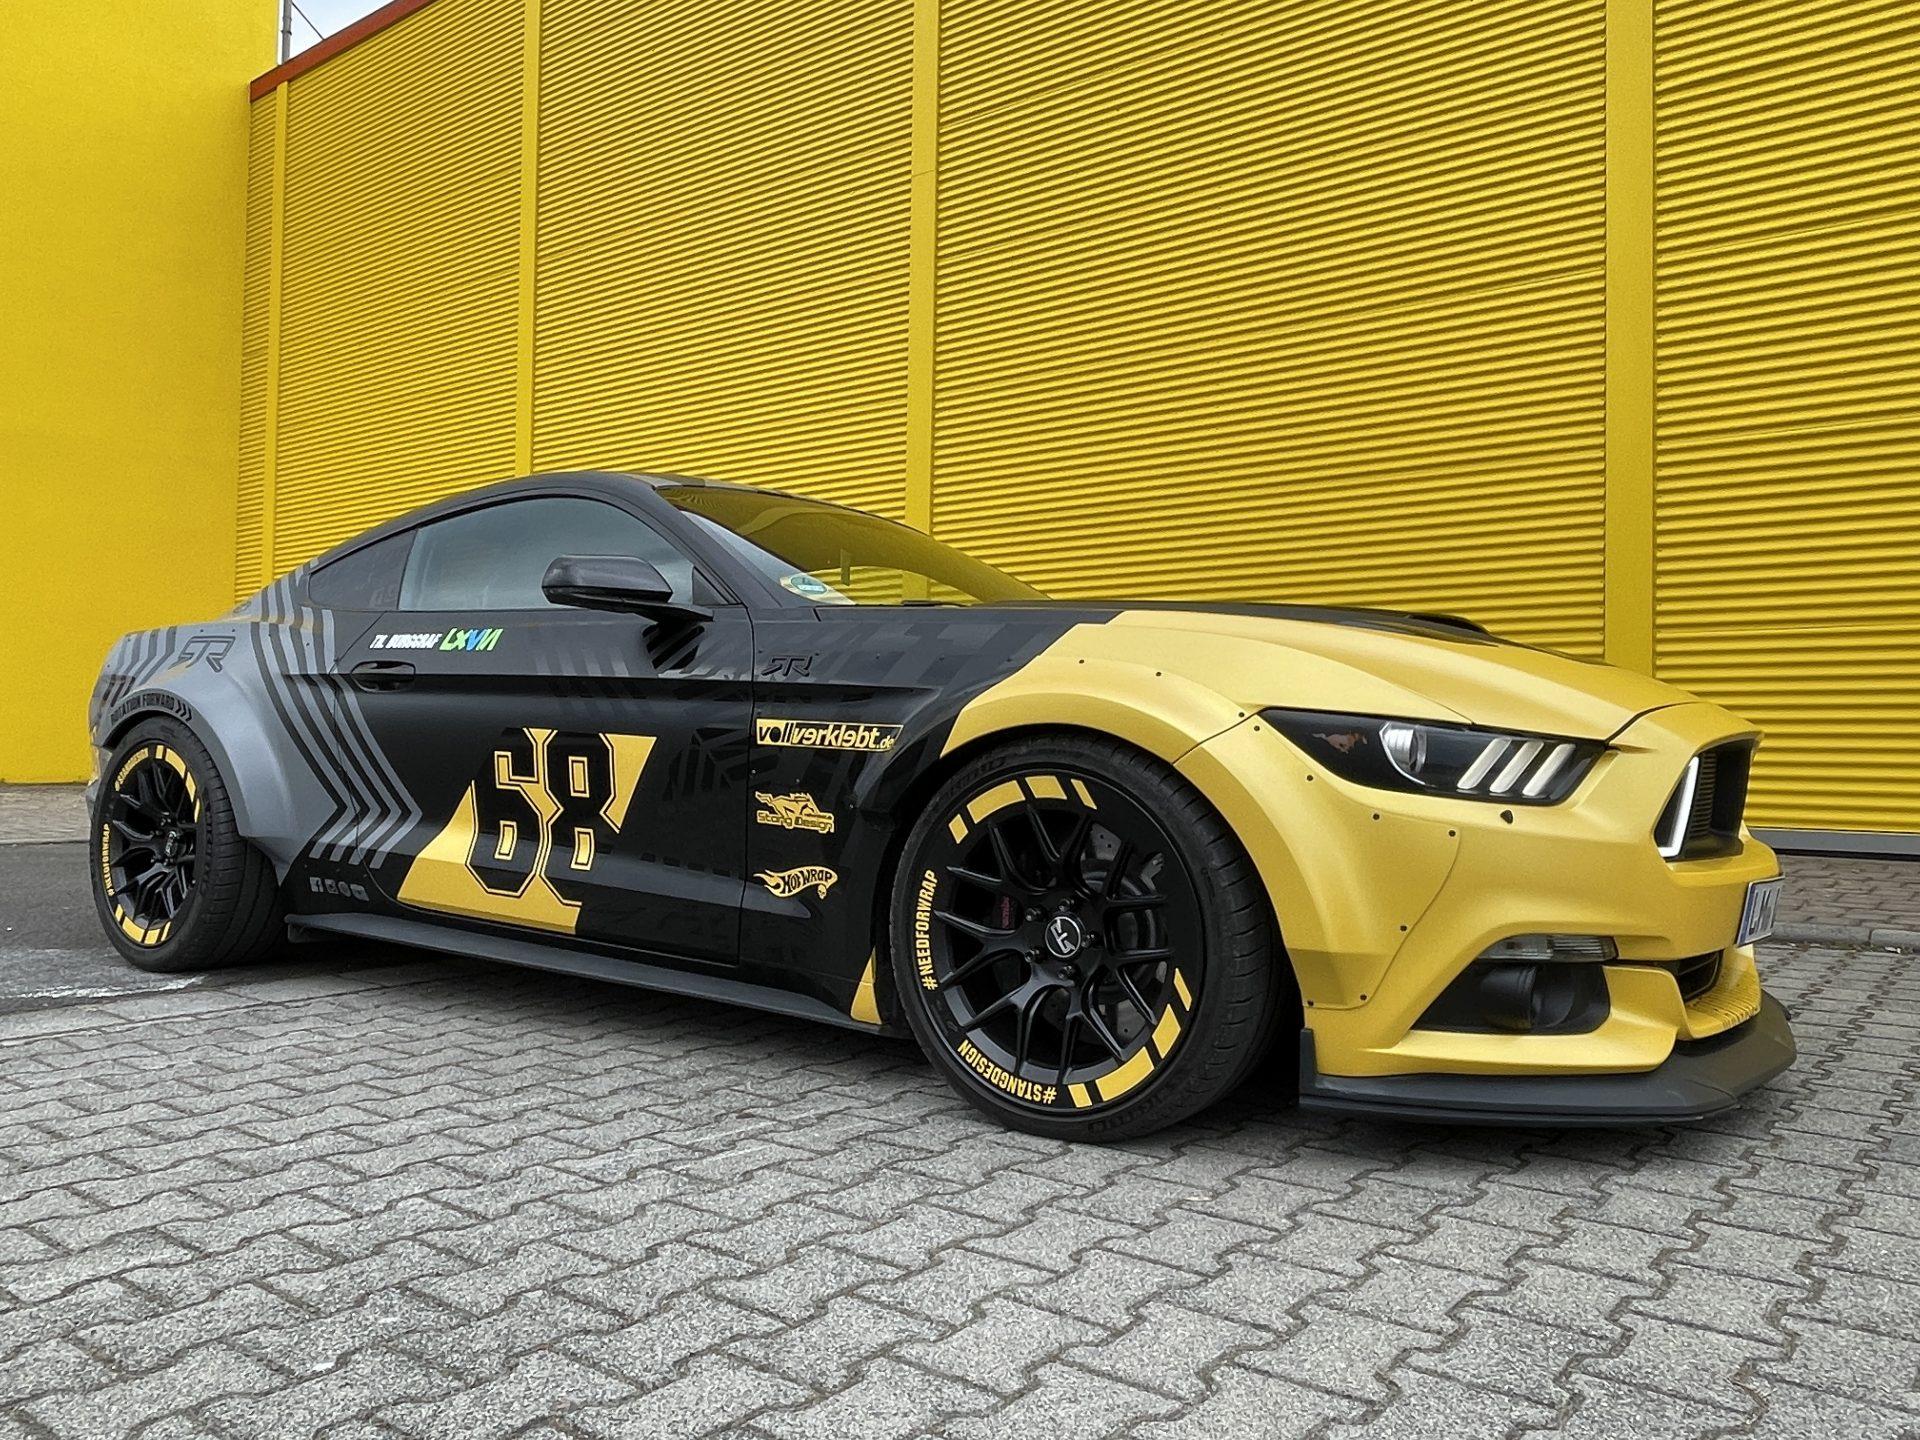 RTR Mustang Breitbau